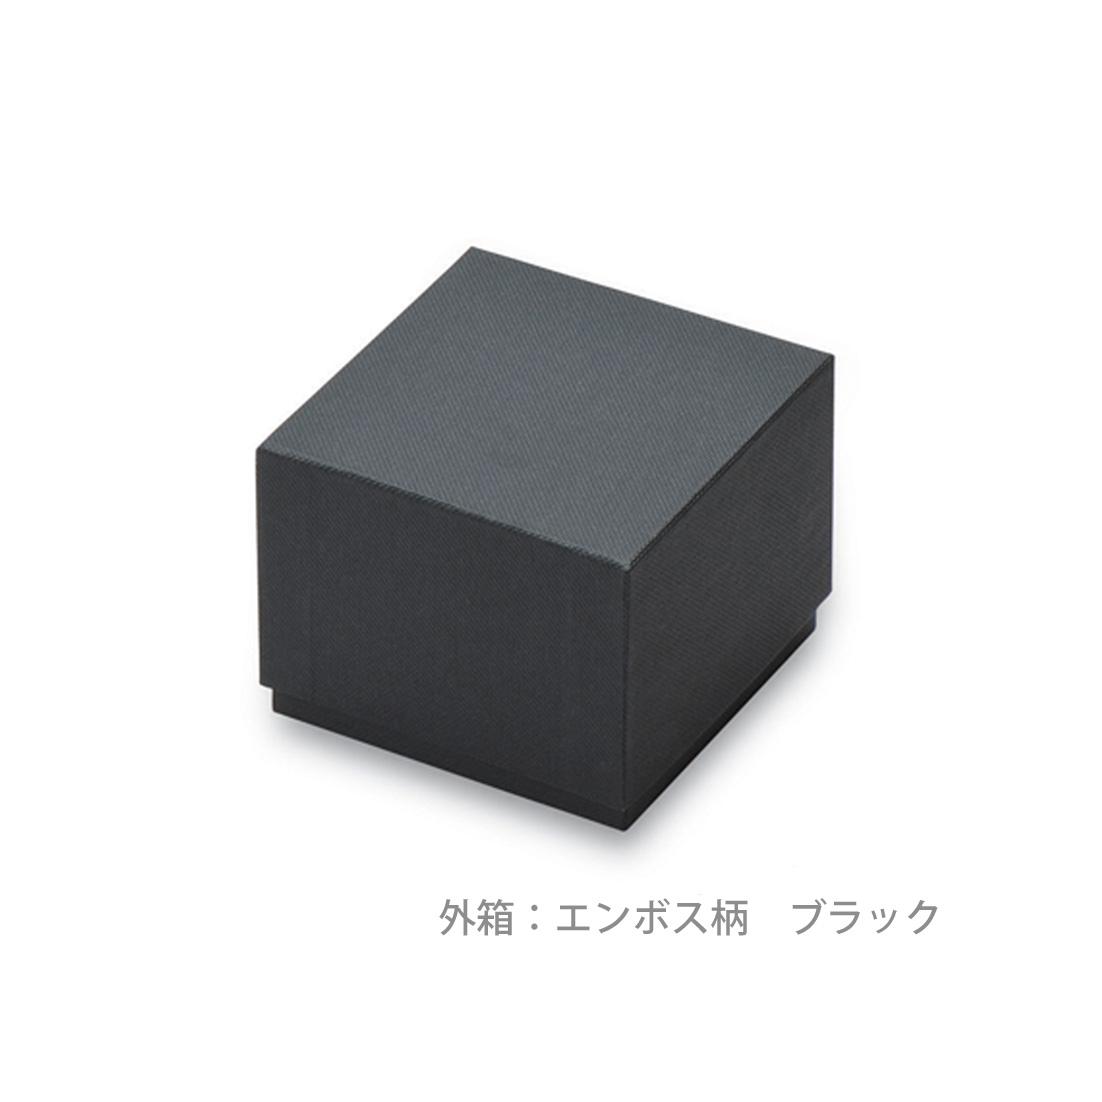 CA-950R 木製リング用 ブラウン(12個入) 1個あたり¥1519